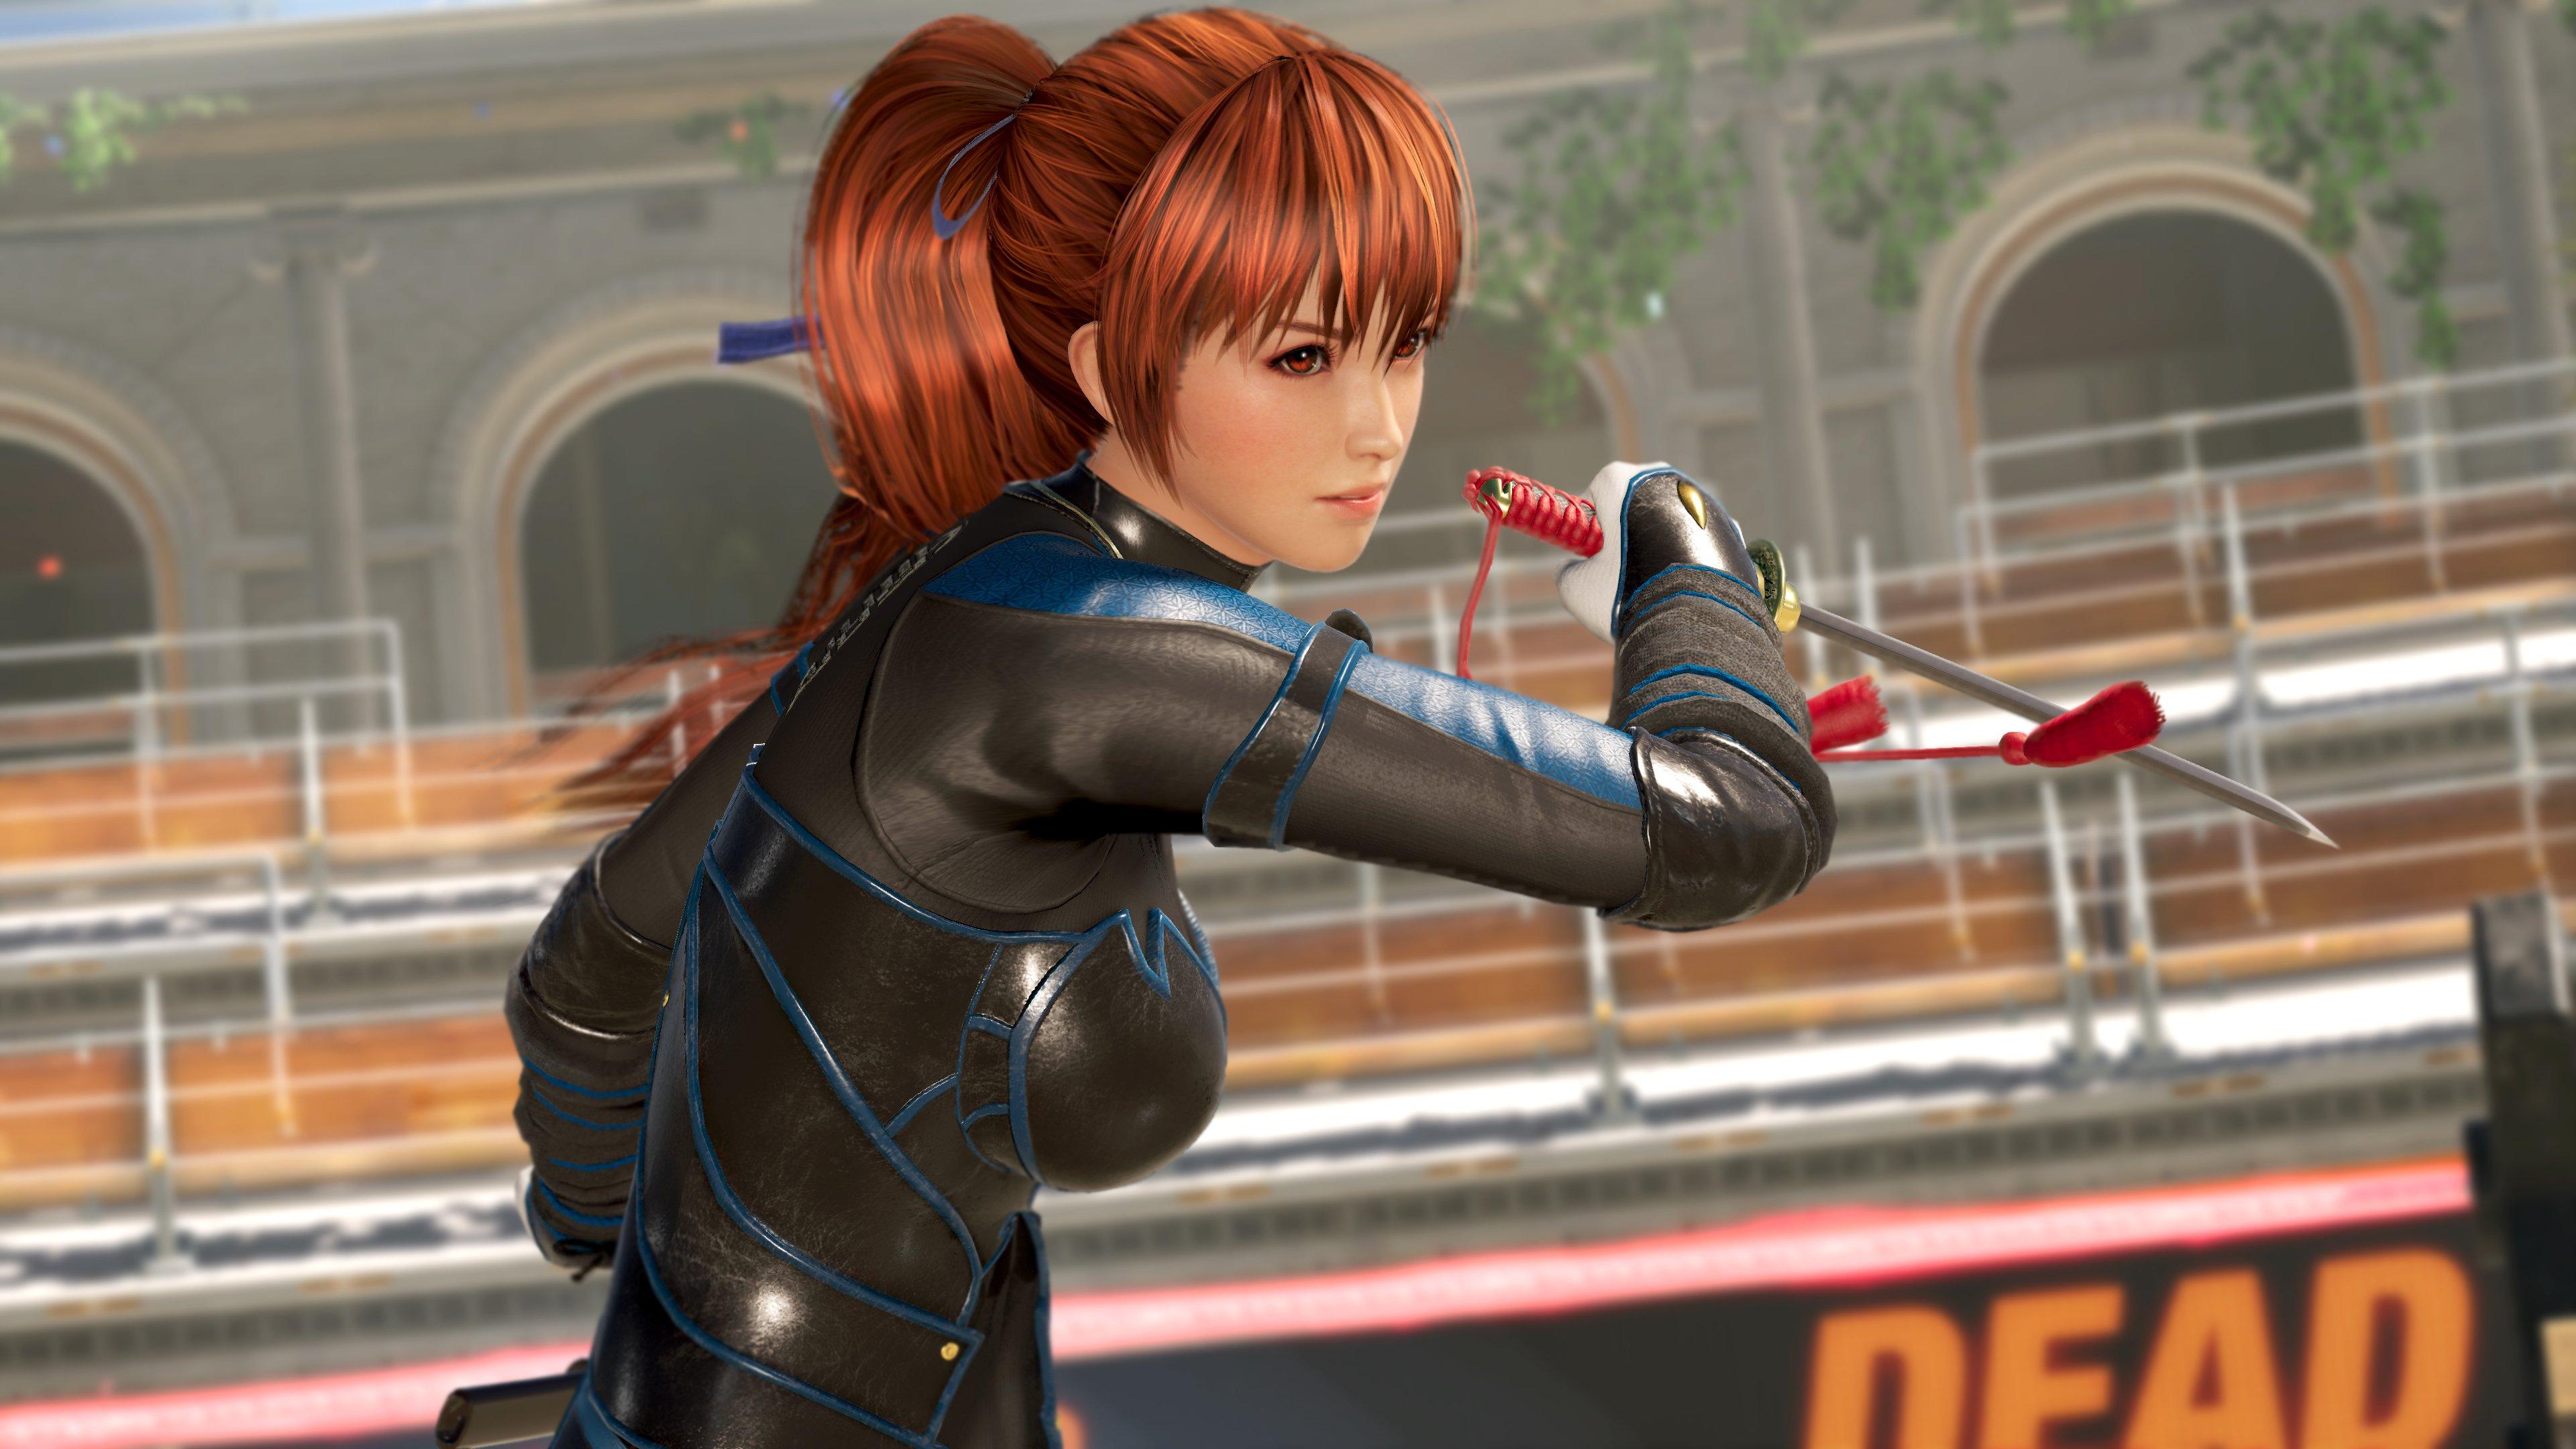 《死或生6》新截图公布 明年登录PS4/Xb1/Steam平台